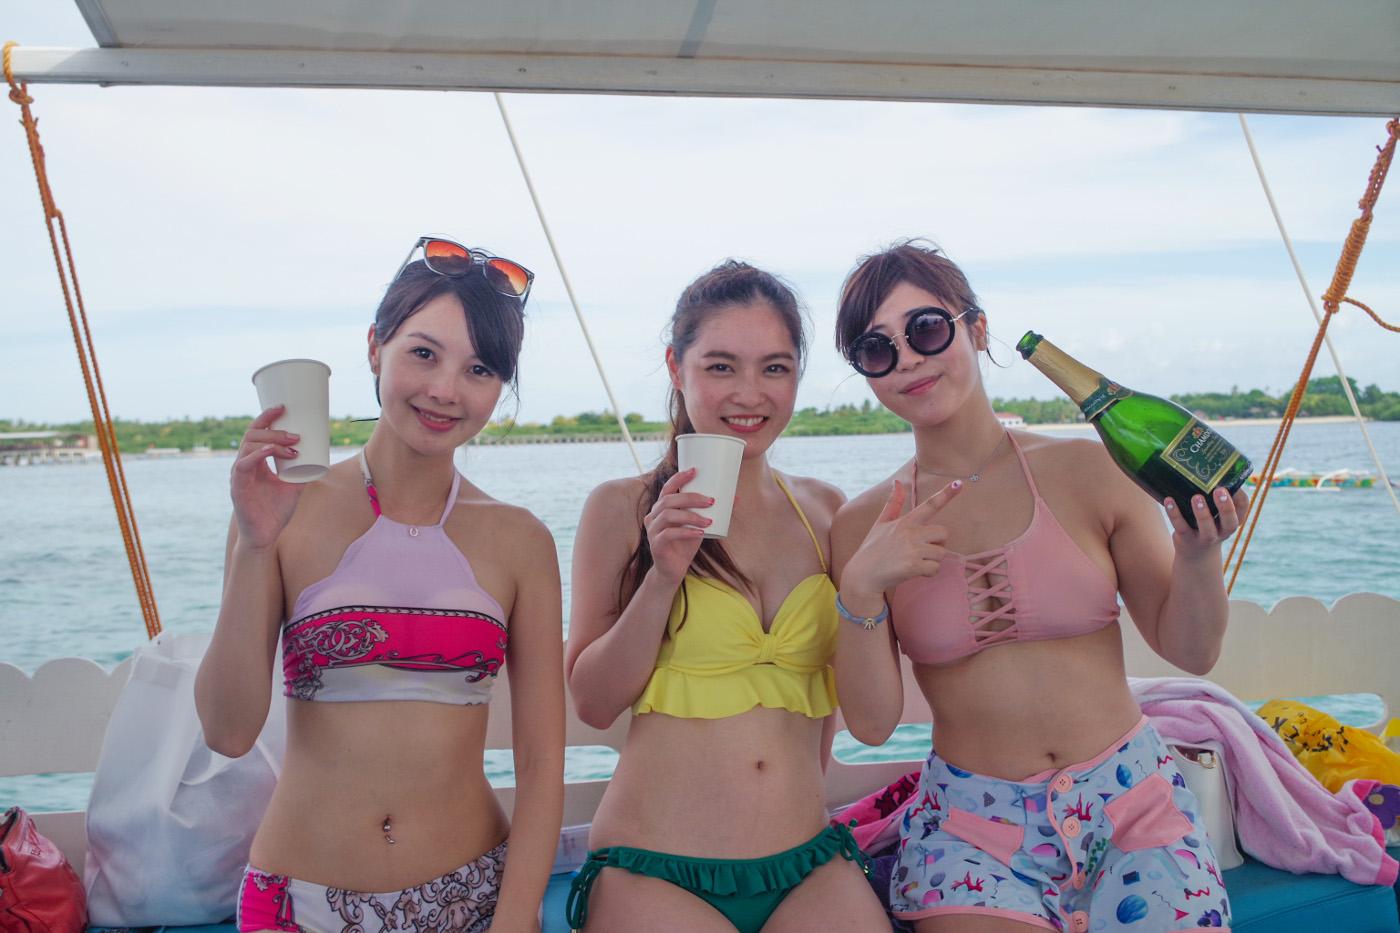 シャンパンを船上で飲む女性3人